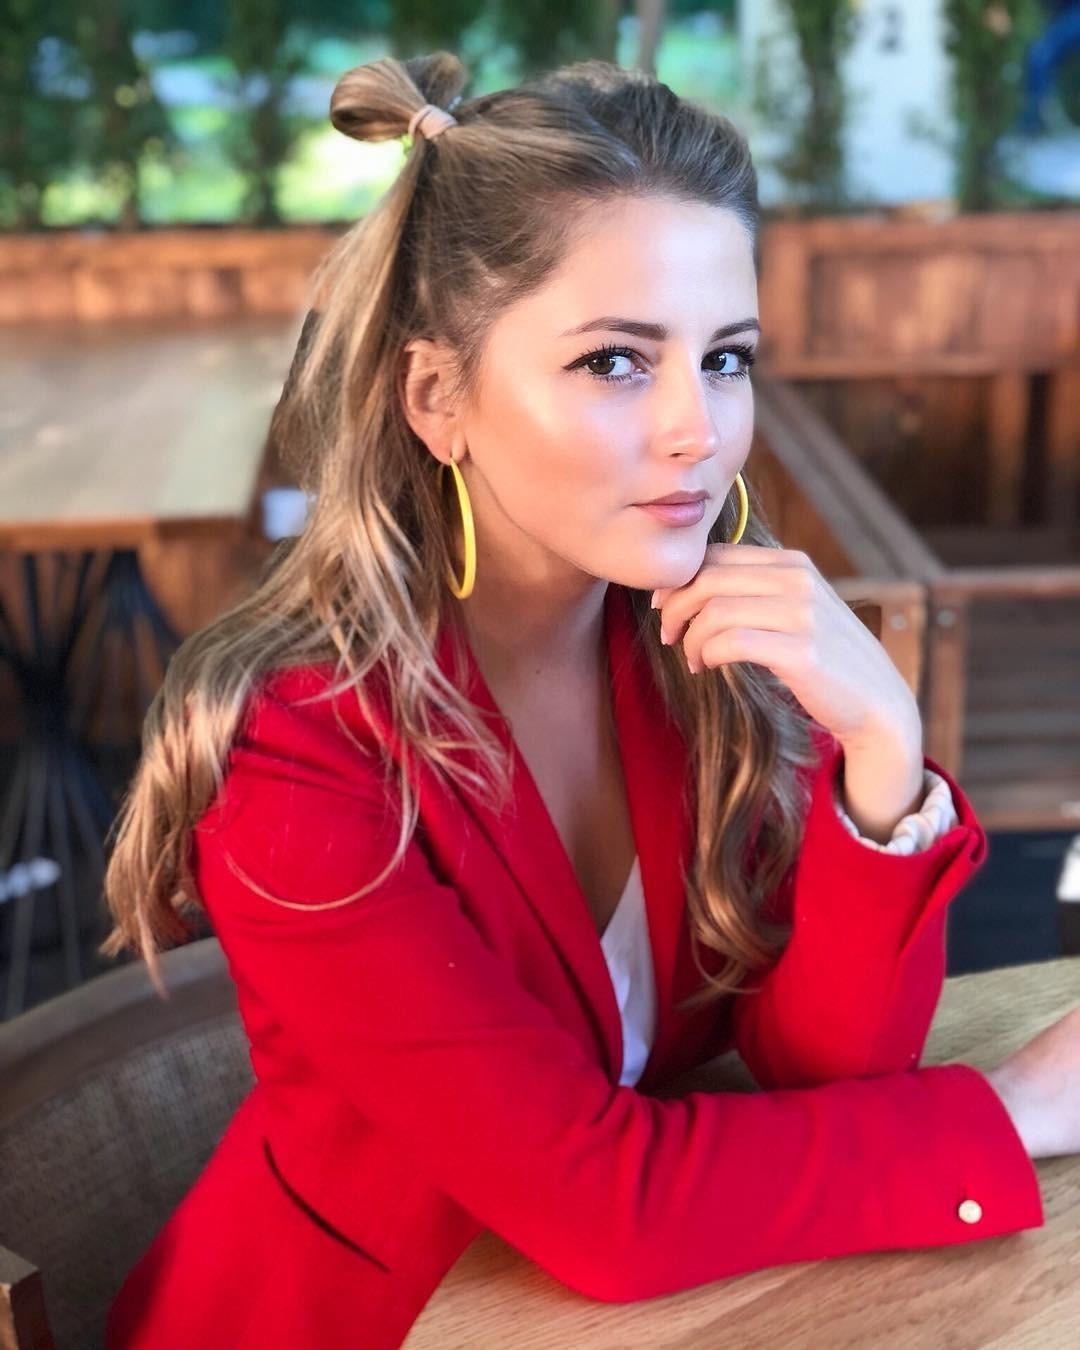 Актриса Анна Михайловская довольно часто исполняет роли молоденьких девушек, которым едва исполнилось 18.Похоже, ейповезло быть обладательницей так называемого «беби-фейс»: круглый овал...